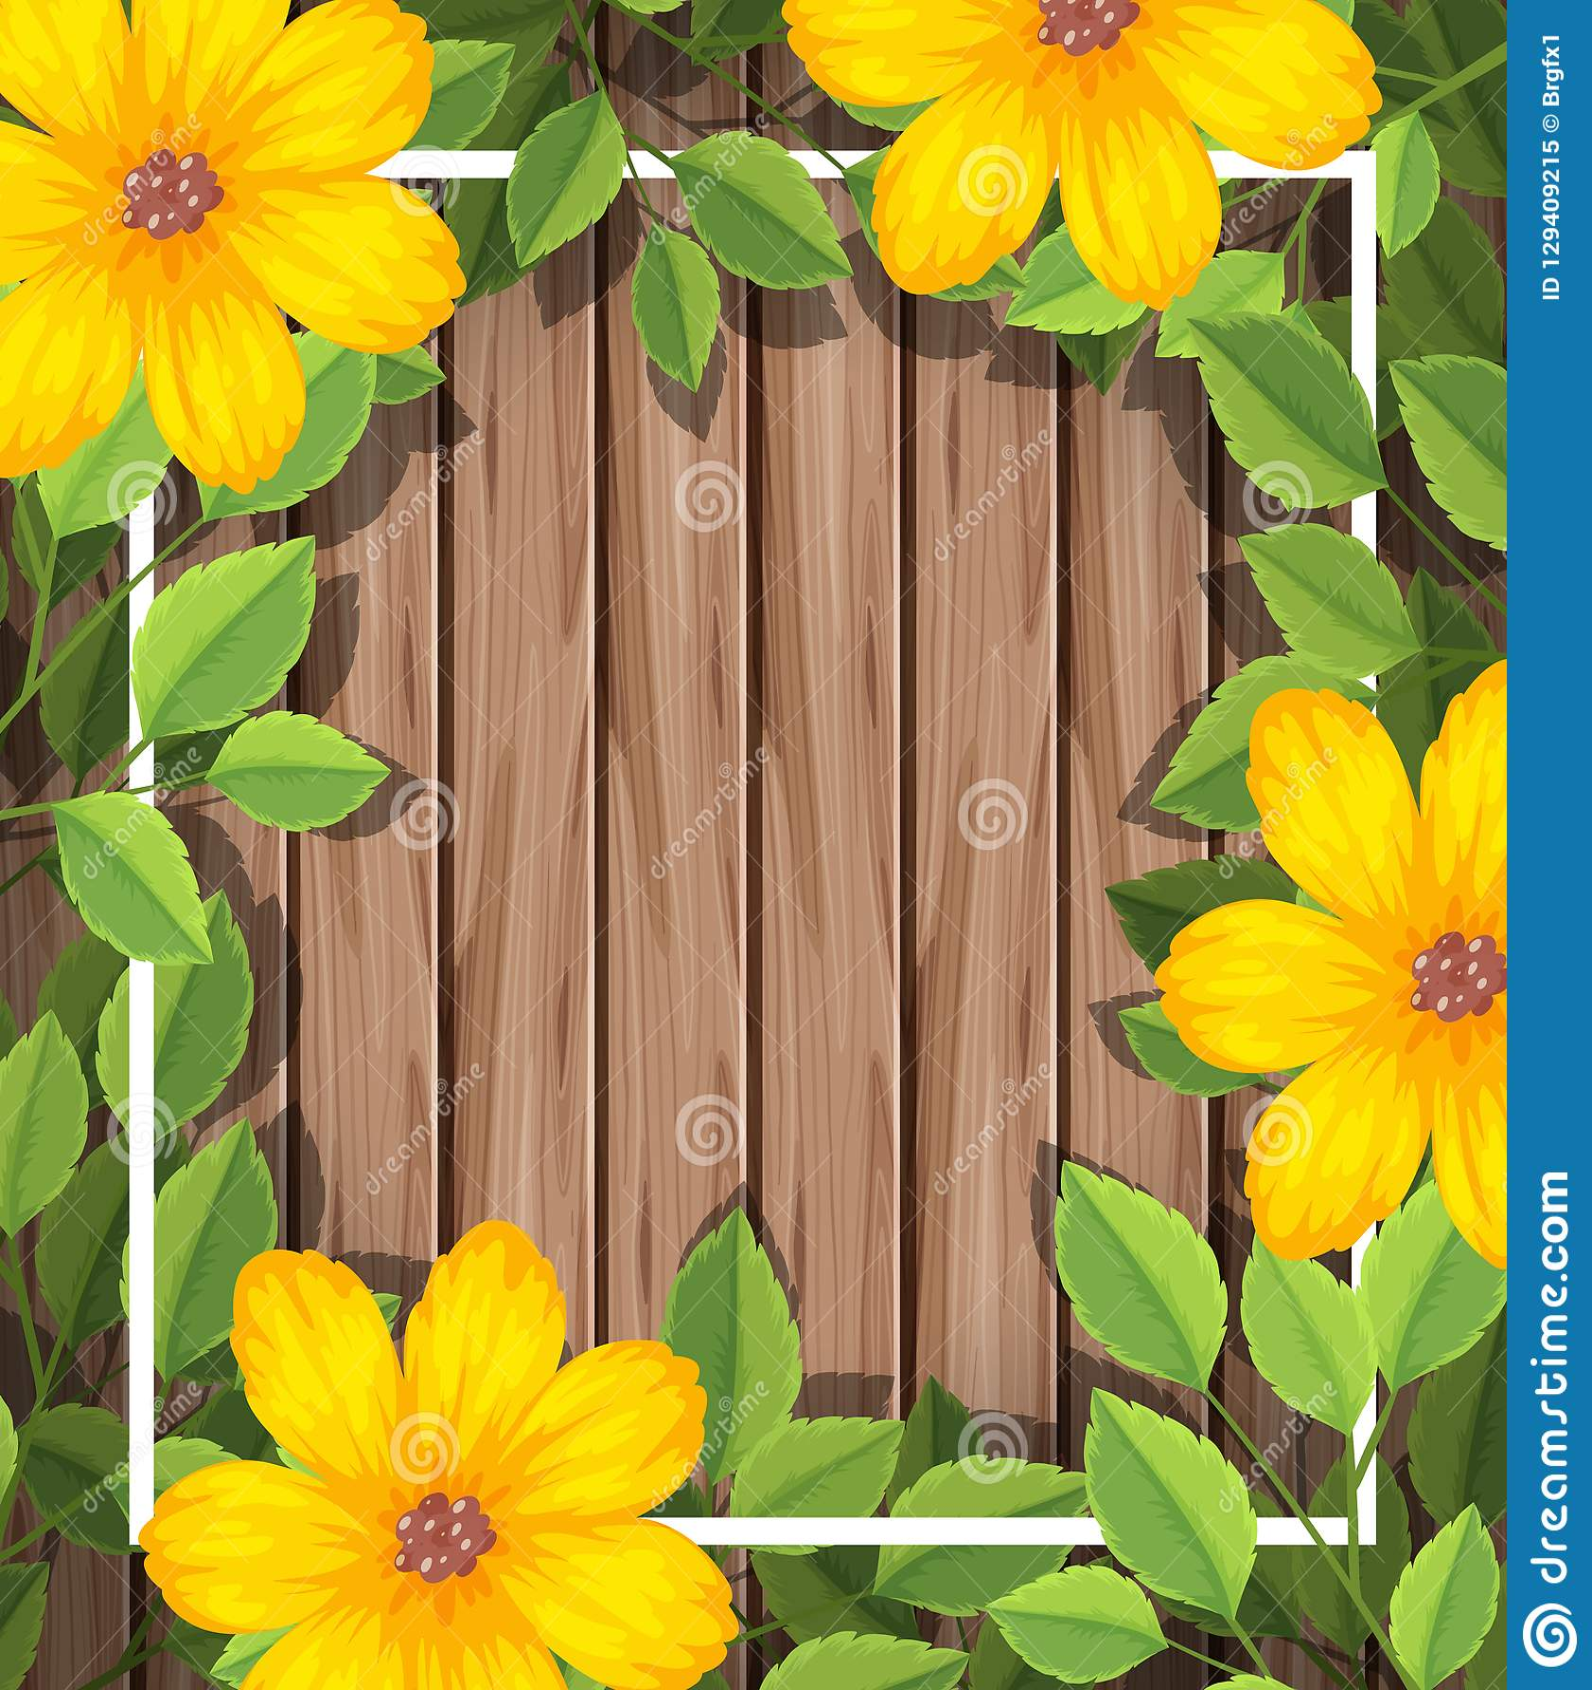 在木制框架的黄色花